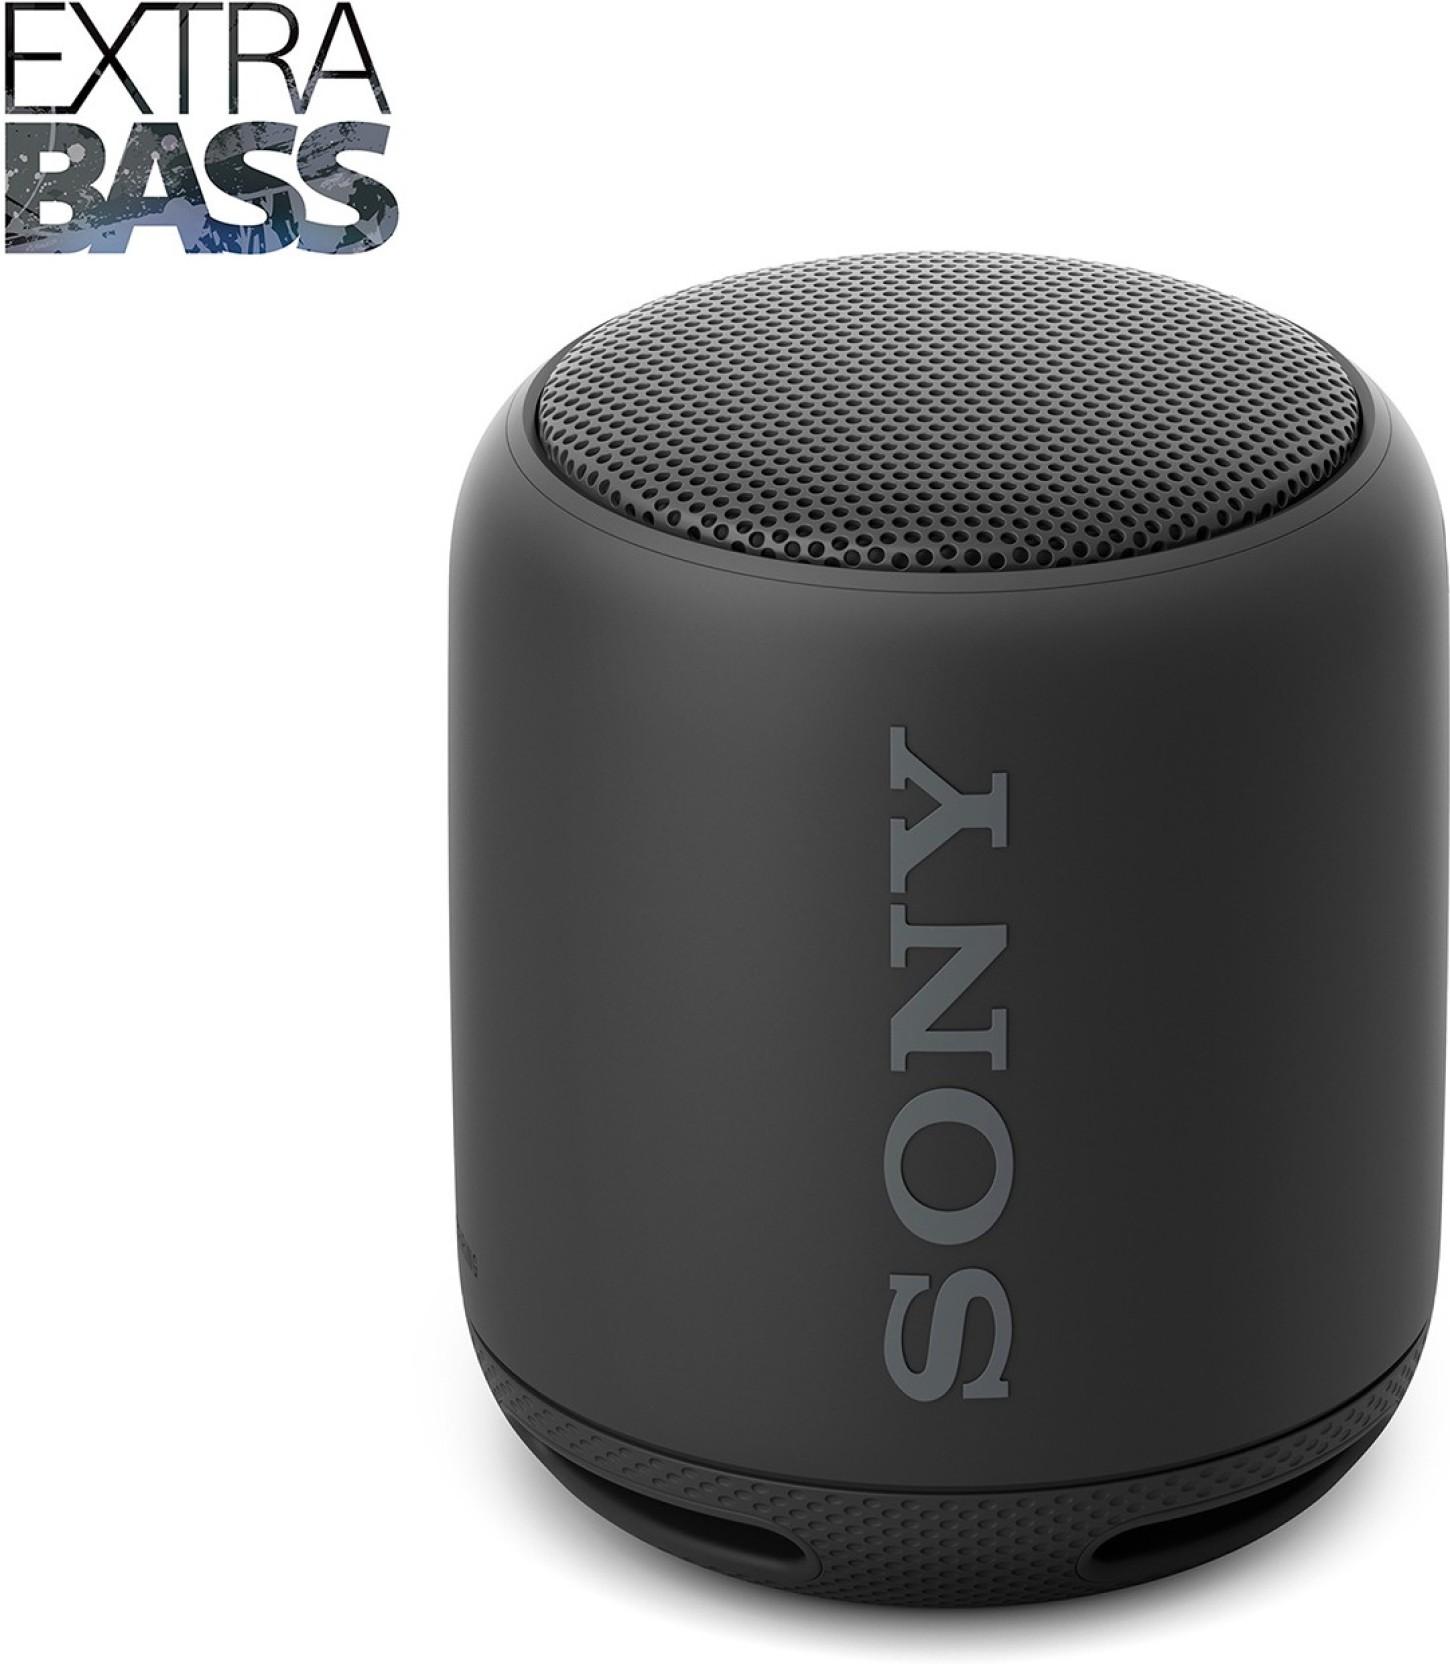 Buy Sony SRS-XB10 /BC Portable Bluetooth Mobile/Tablet Speaker Online From Flipkart.com